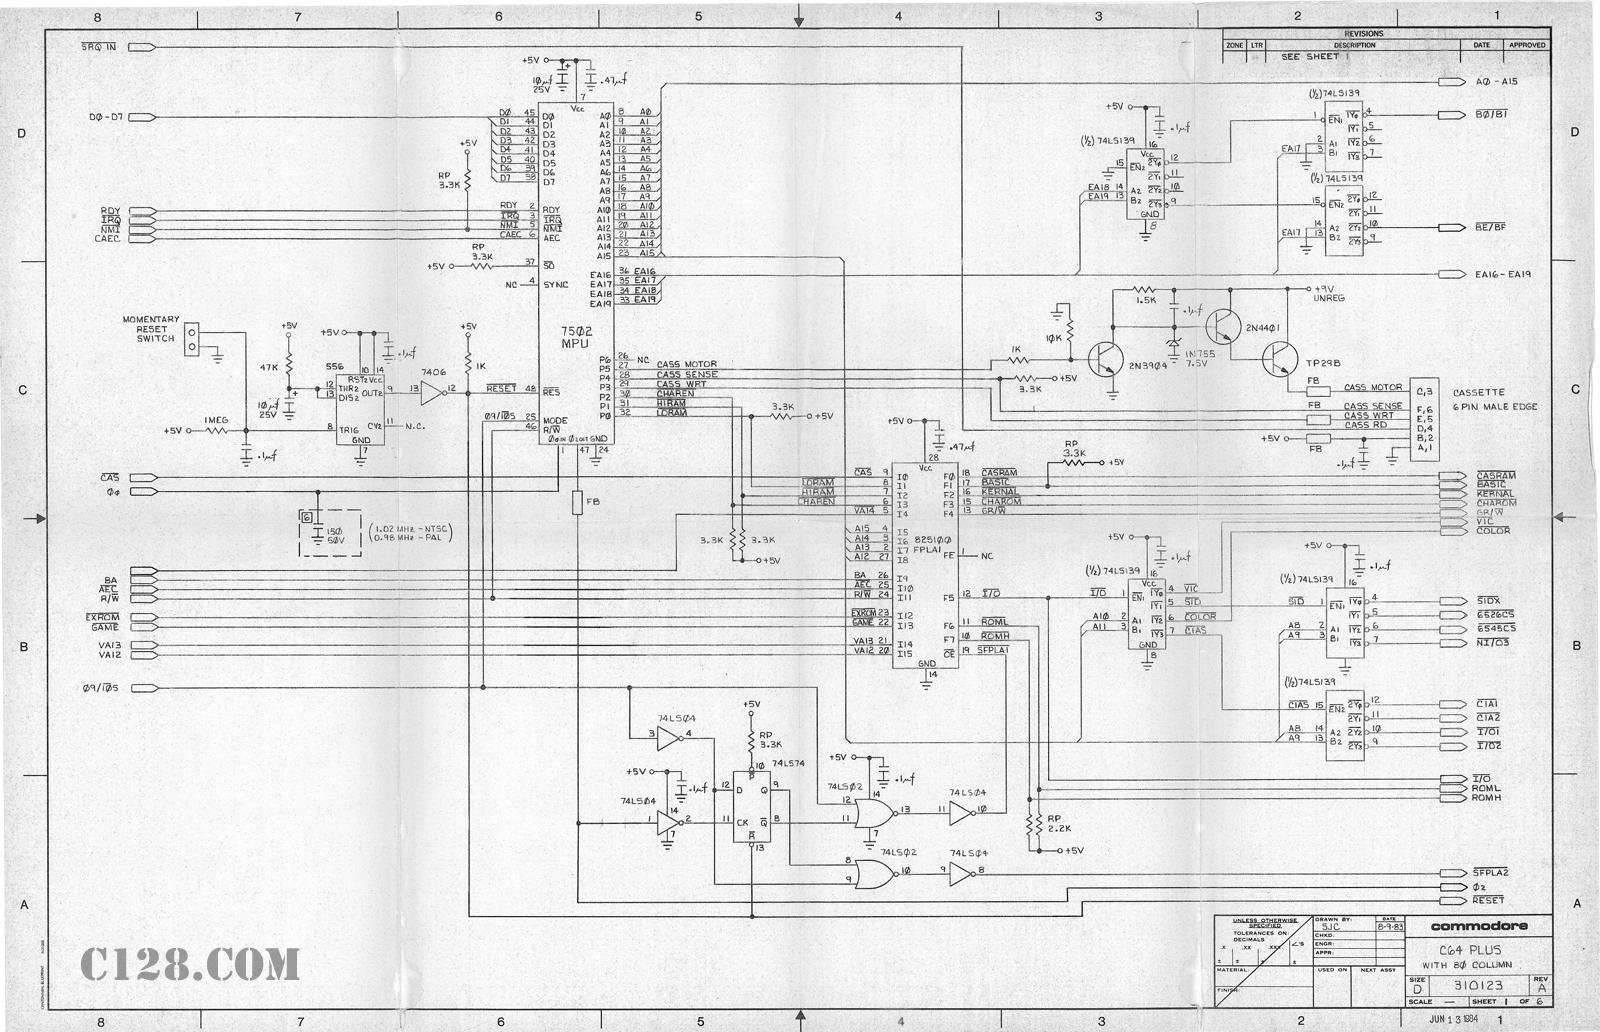 Schematics for C64 Plus with 80 Columns | C128.com